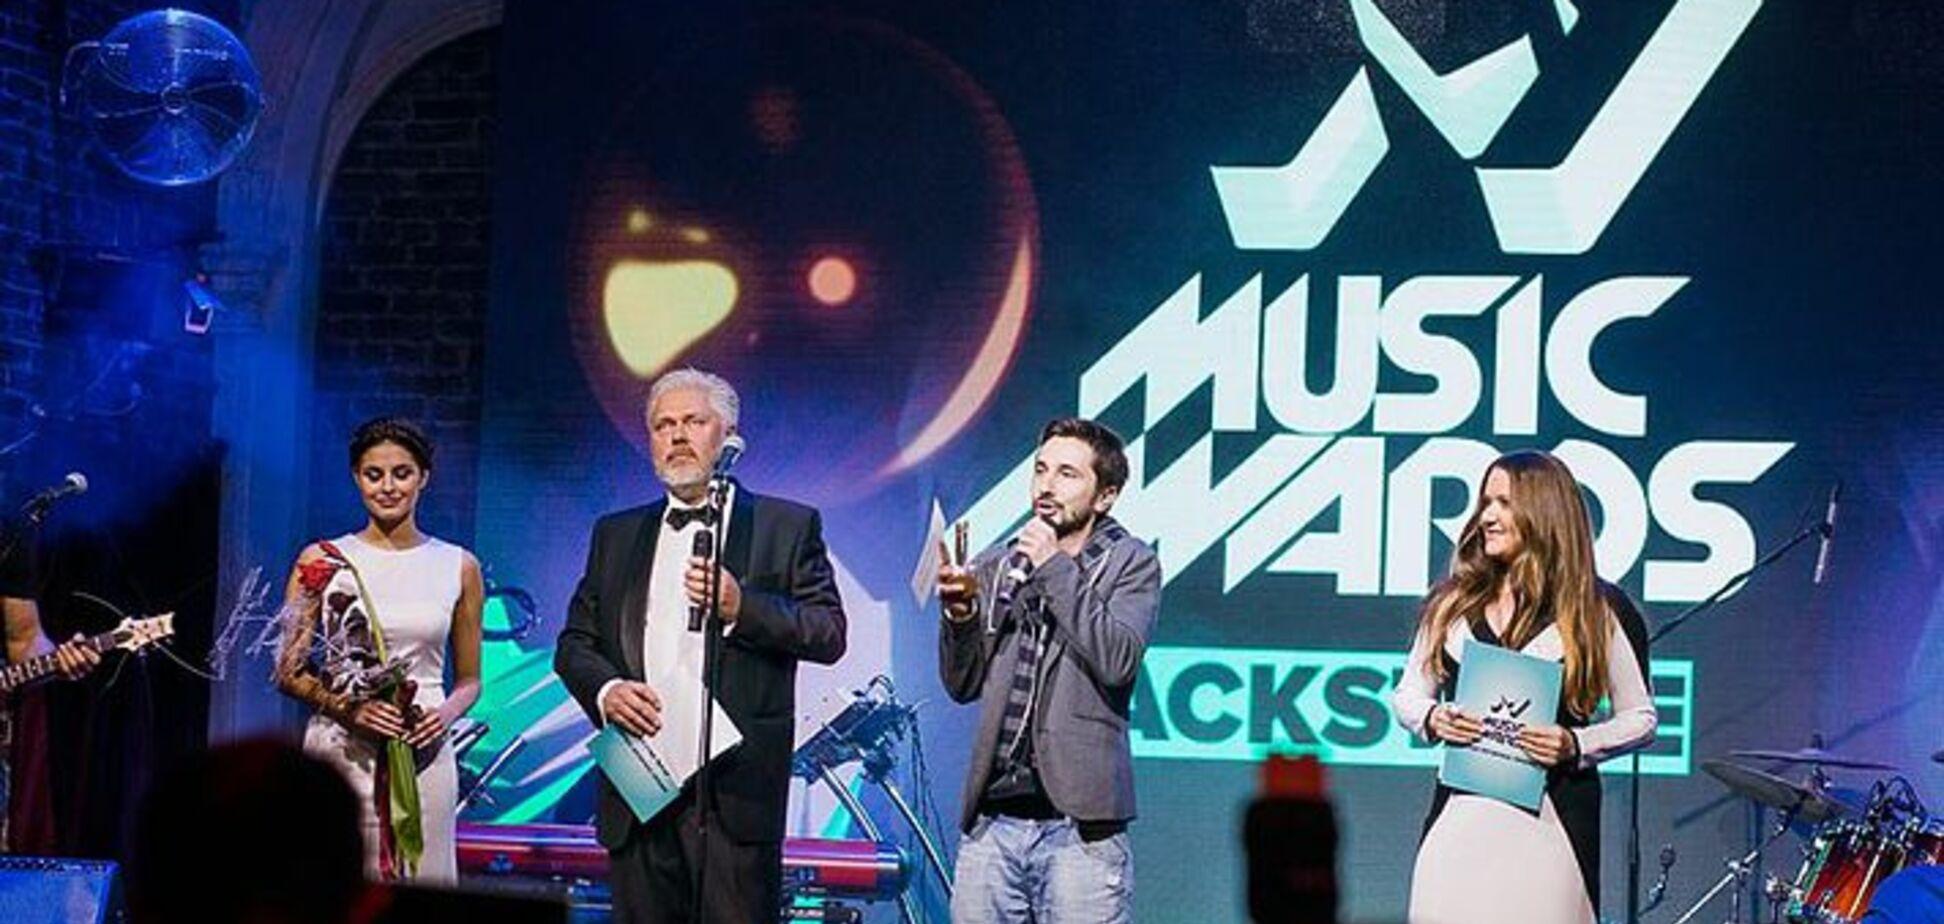 M1 Music Awards 2017: кто выступит на главной сцене премии